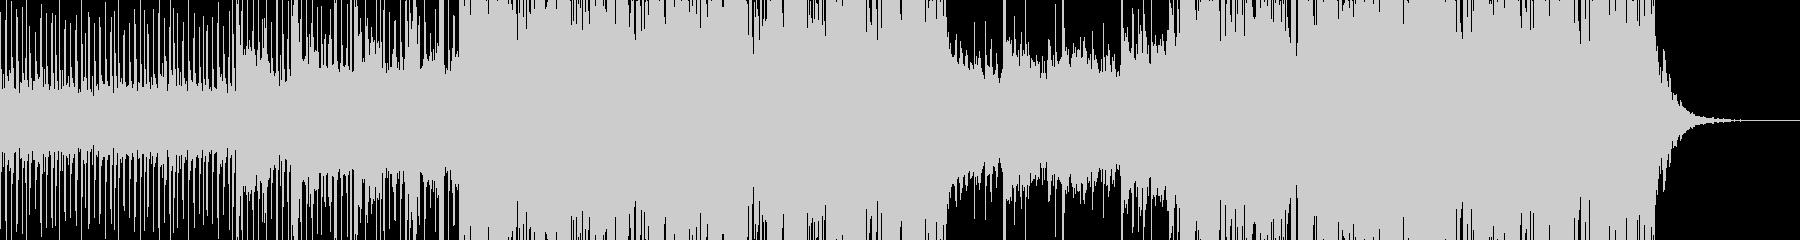 エレクトロとアコースティックのポップスの未再生の波形